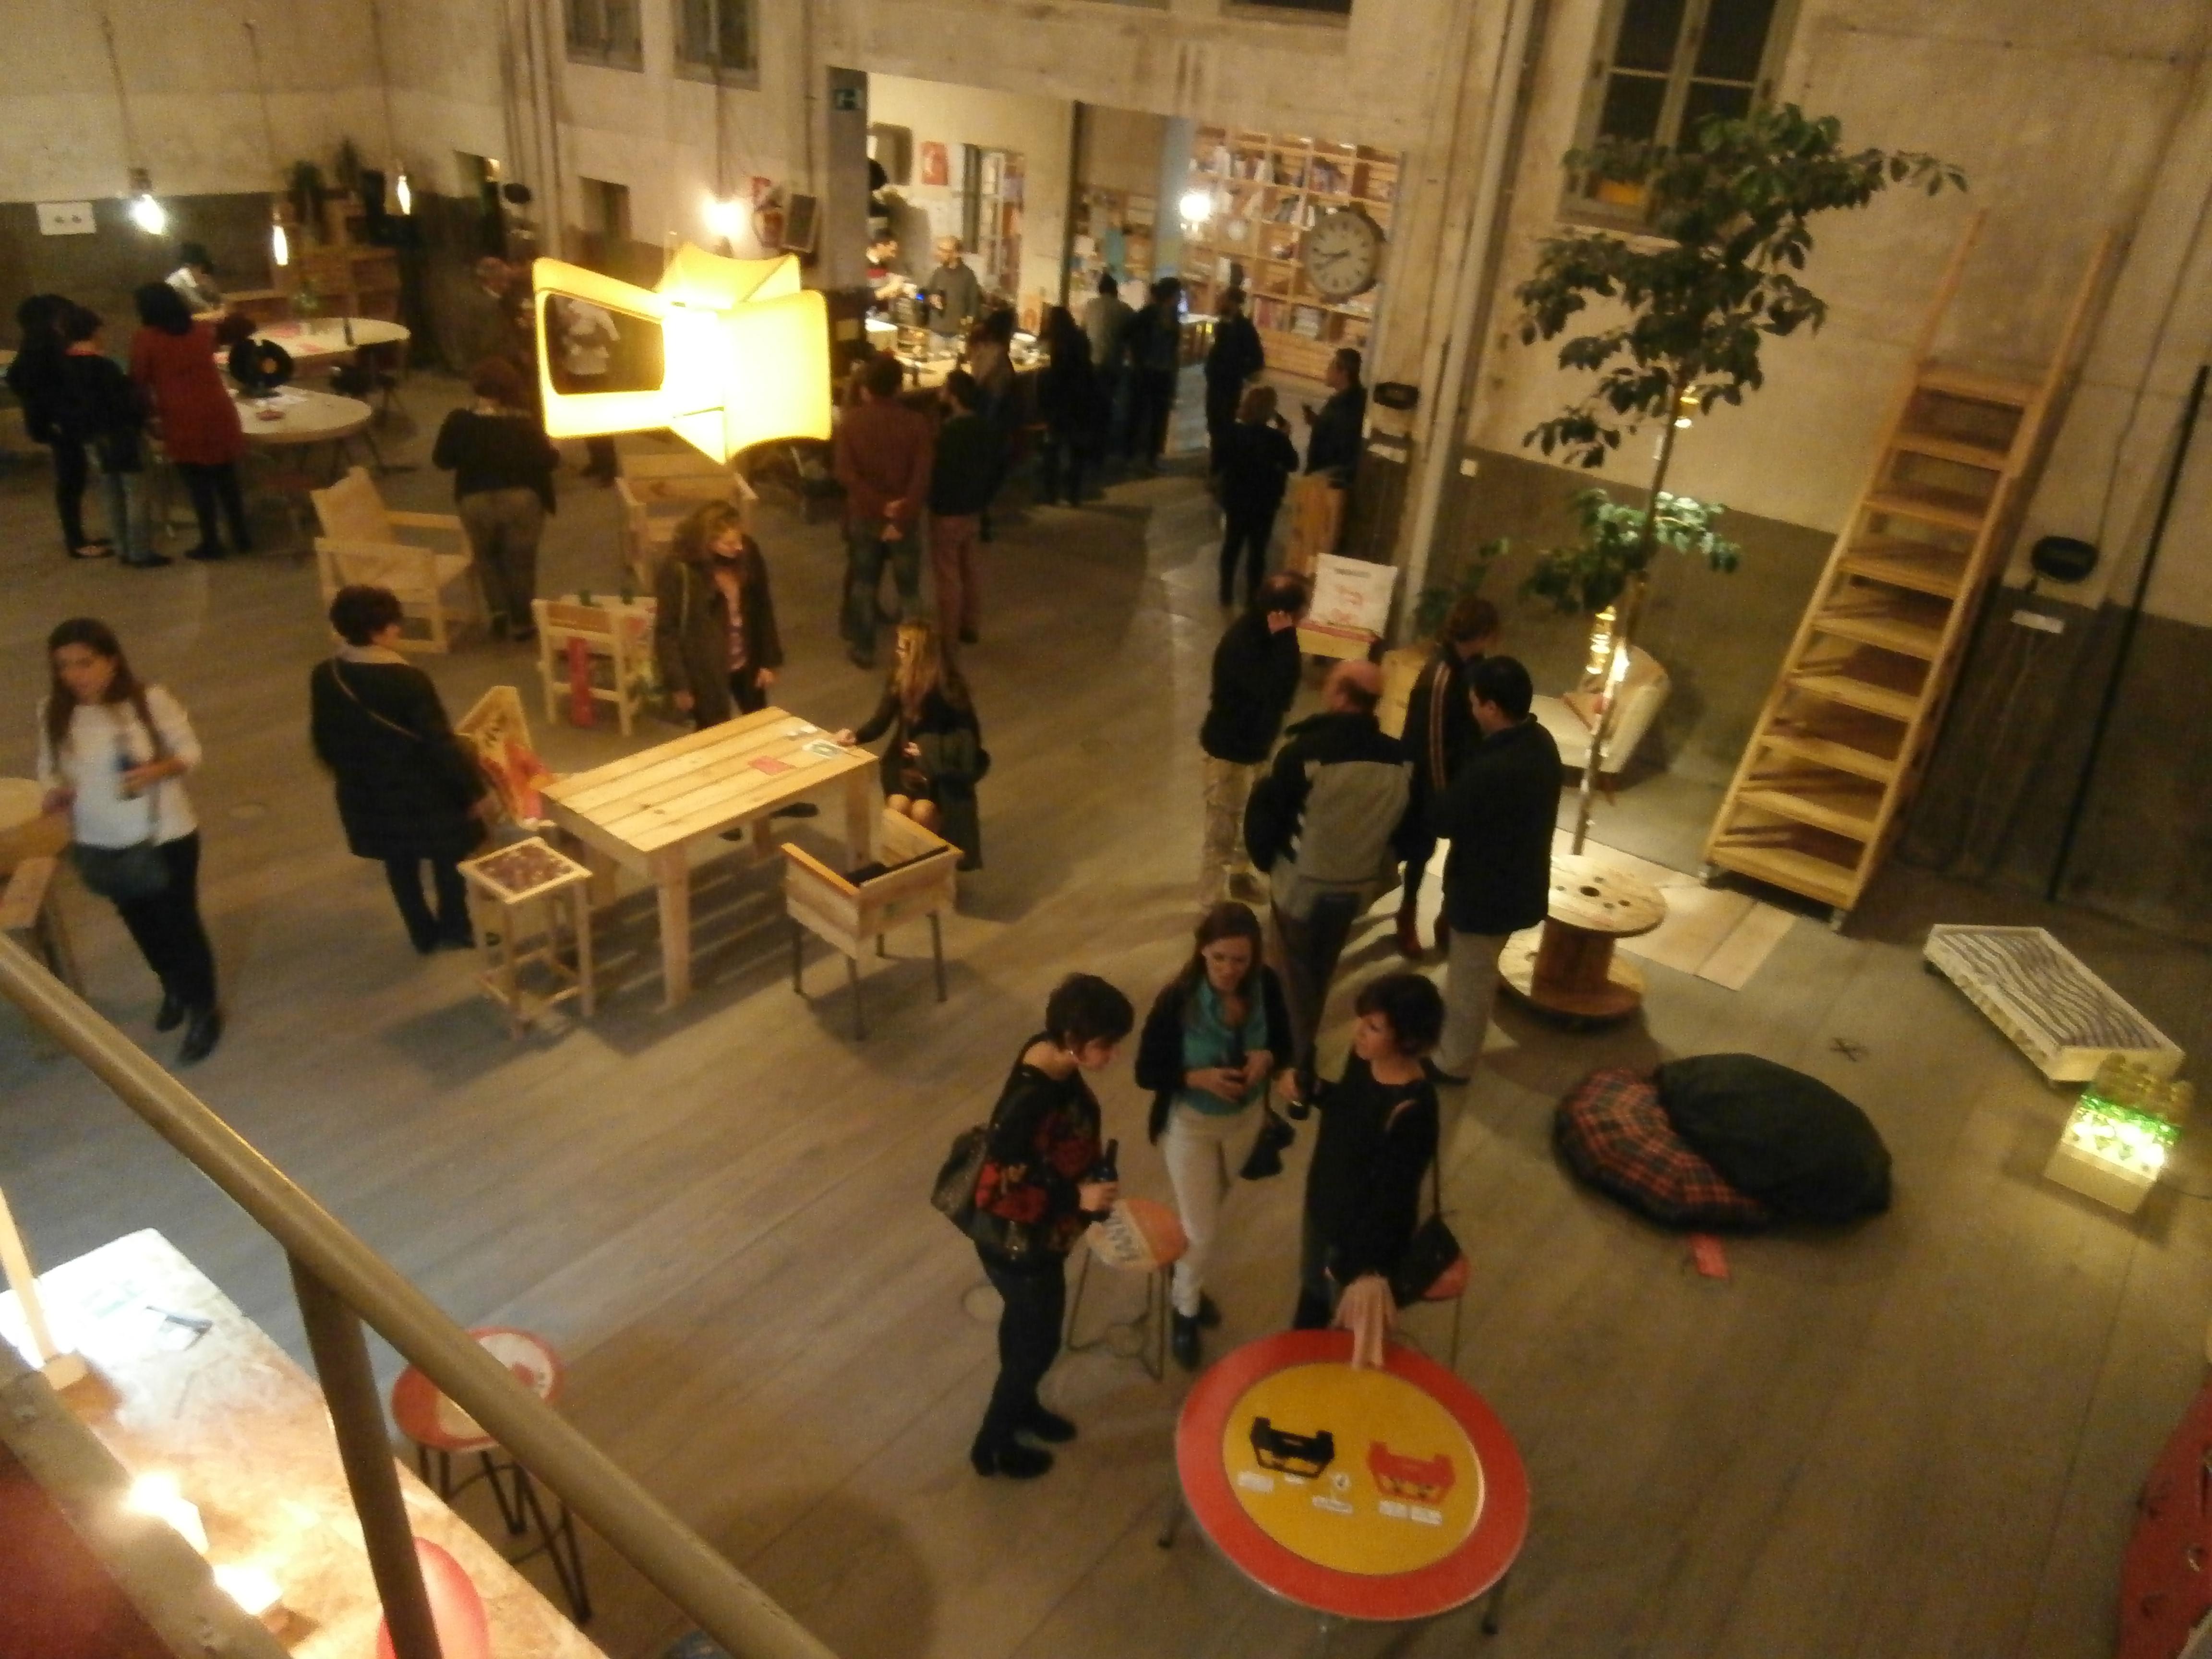 Muebles Reciclados Venta Eco Deco Mobiliario Mesa Ratona Hierro  # Muebles Reiclados